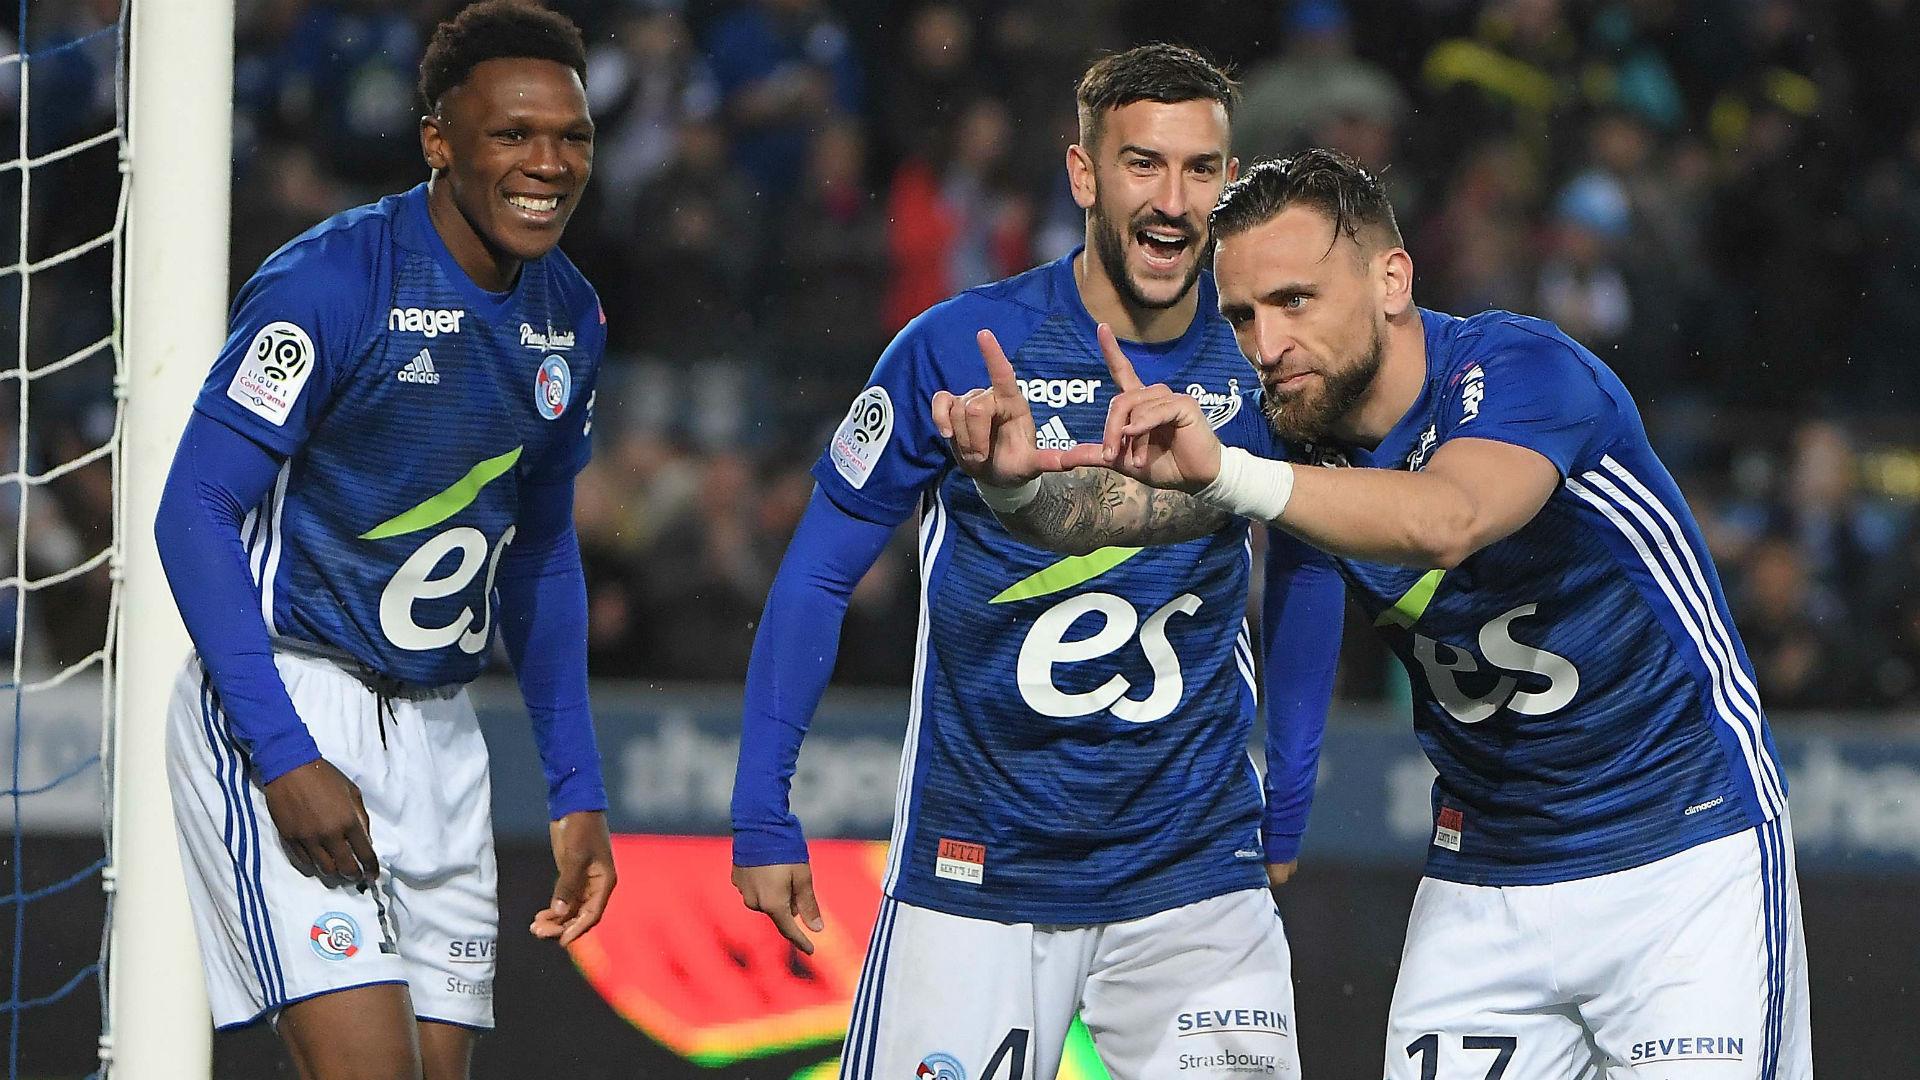 Strasbourg : le calendrier de Ligue 1 pour la saison 2019-2020